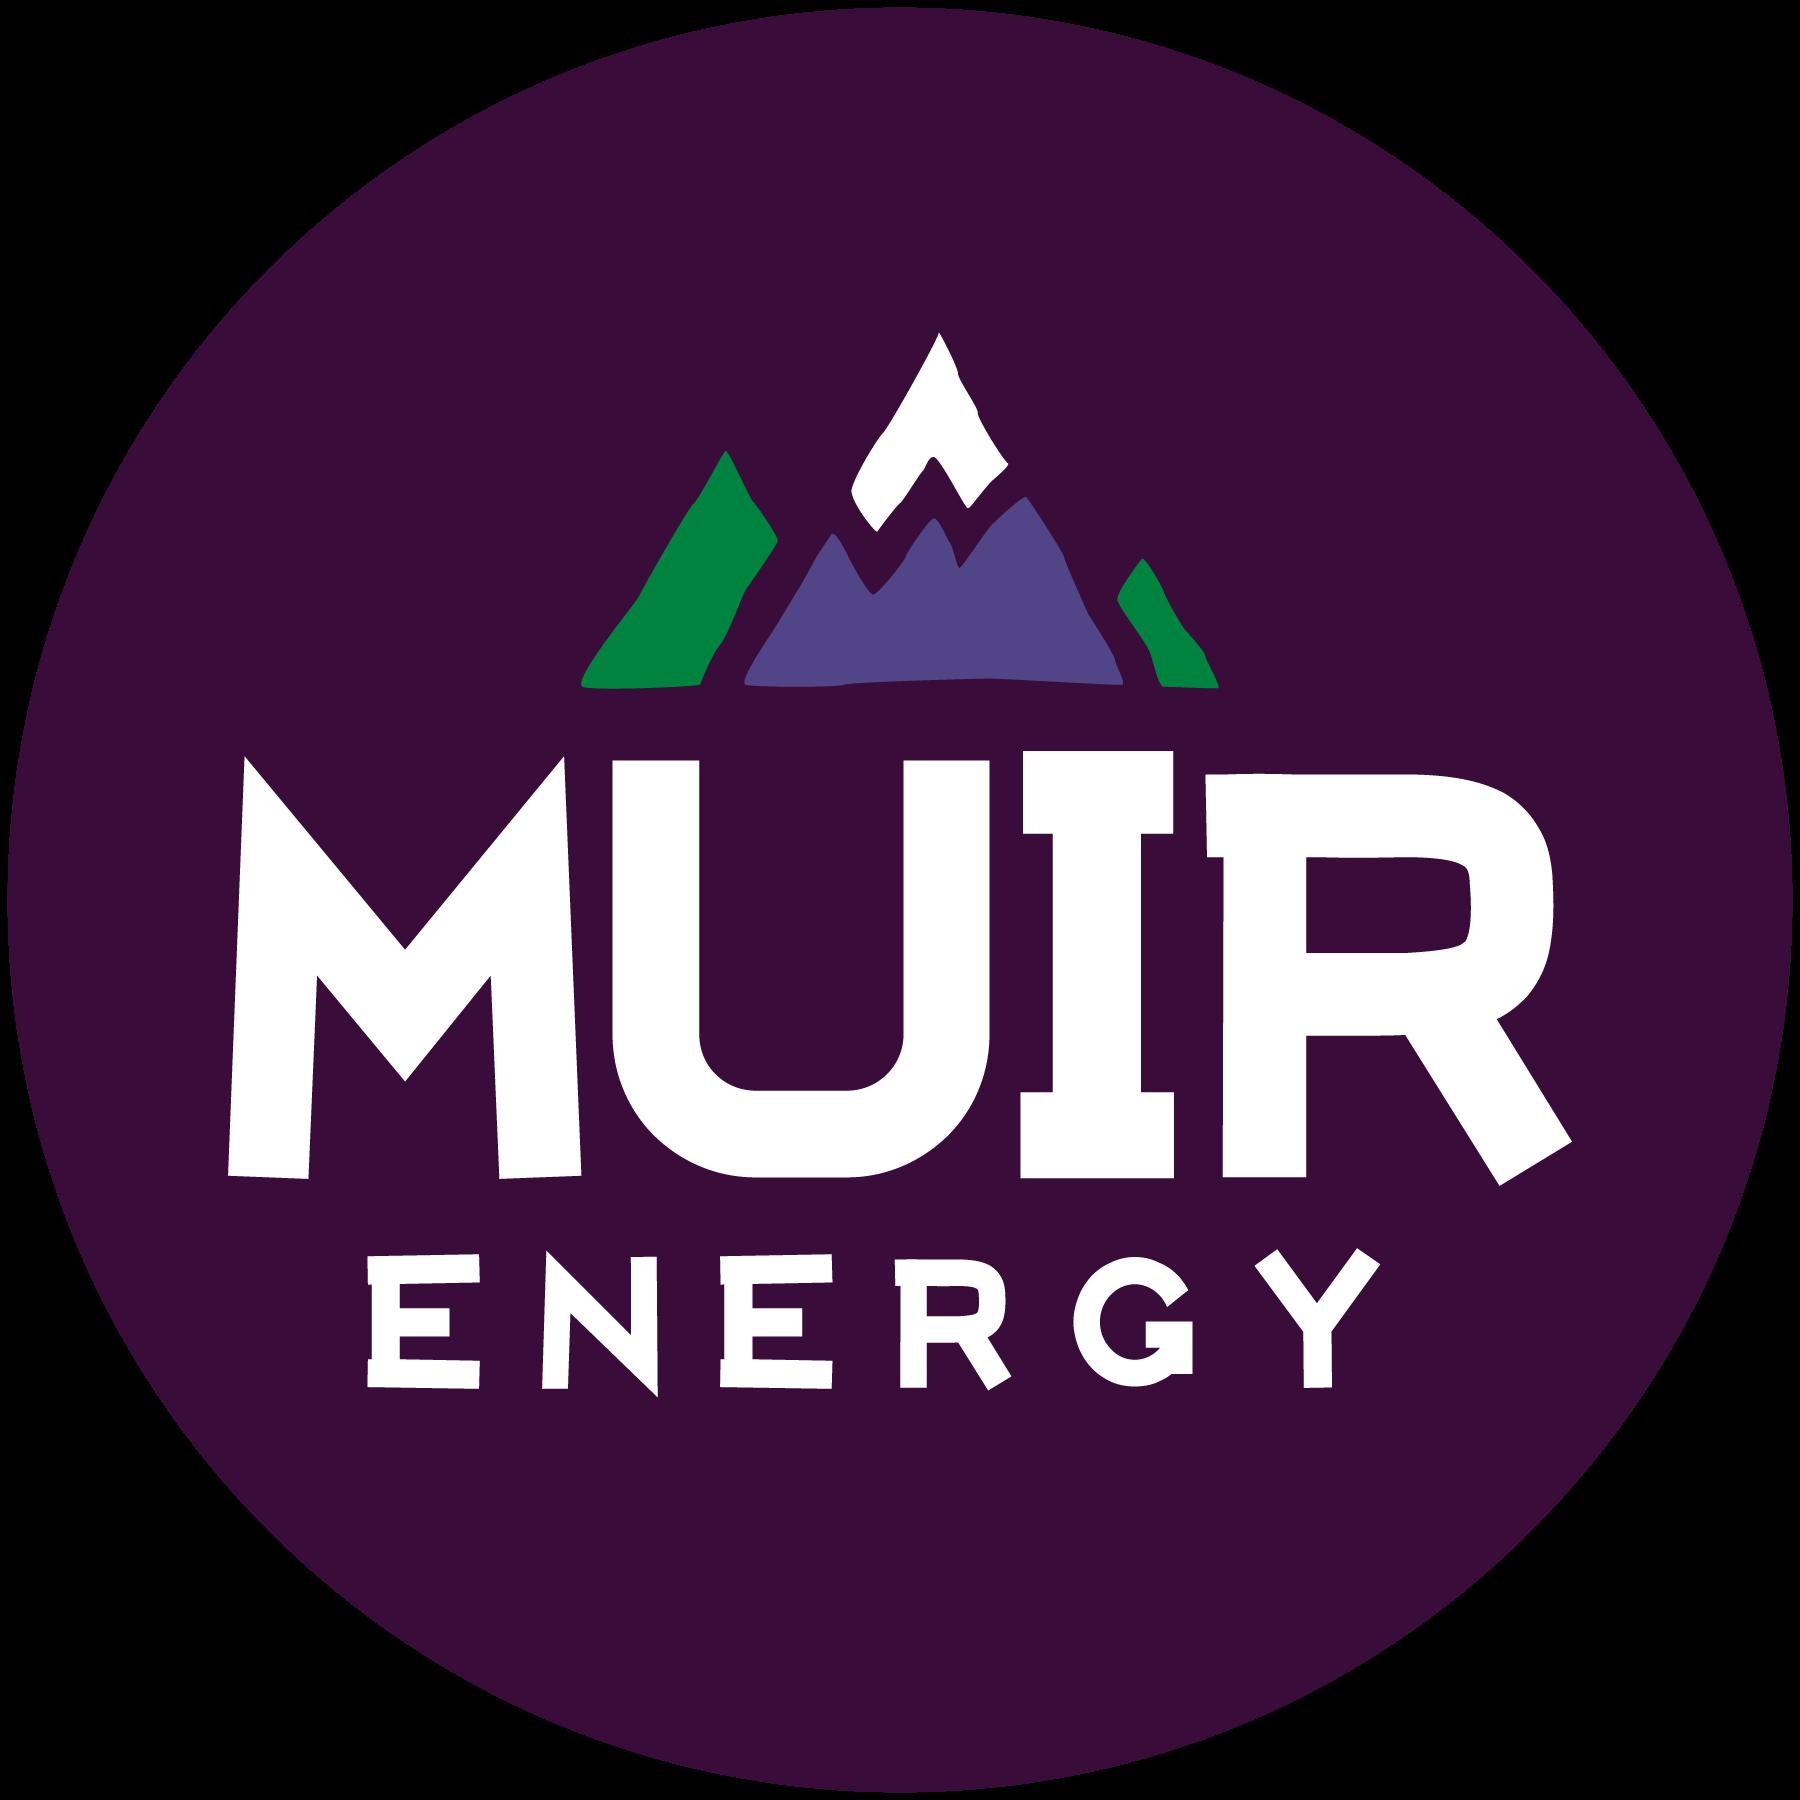 Muir Energy